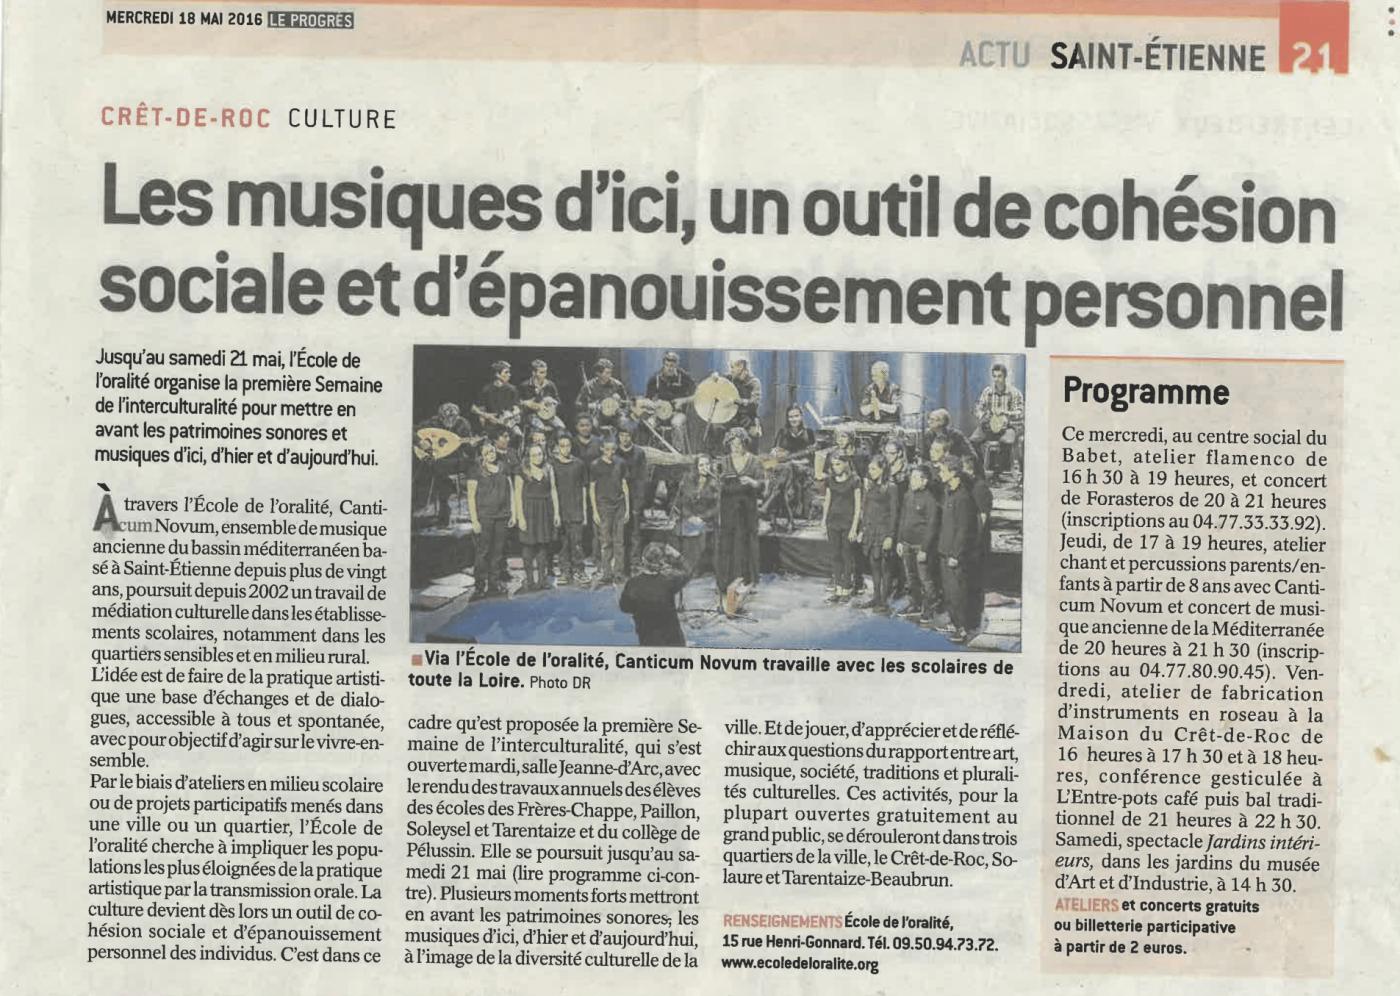 article : Les musiques d'ici, un outil de cohésion sociale et d'épanouissement personnel